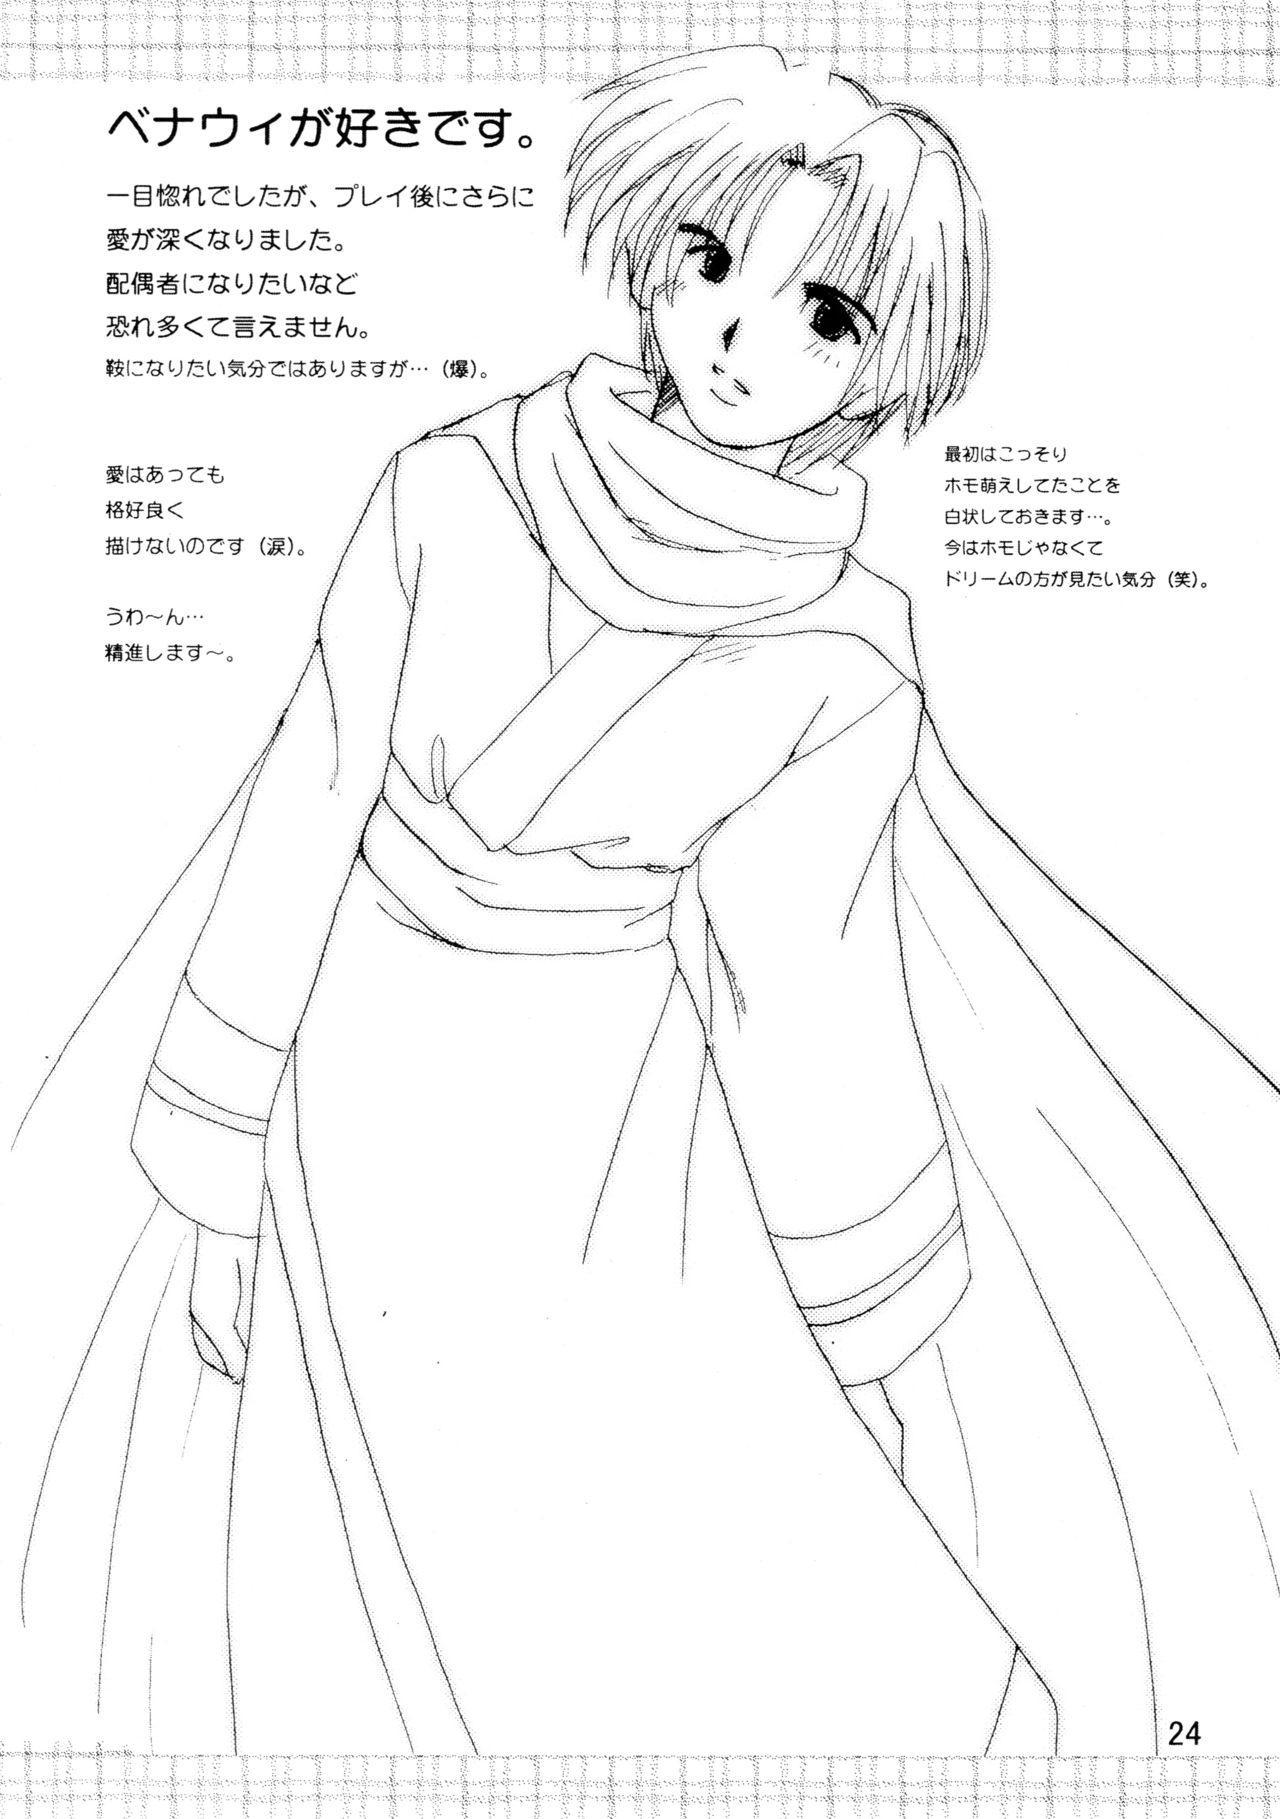 Yorokobi no Uta 23